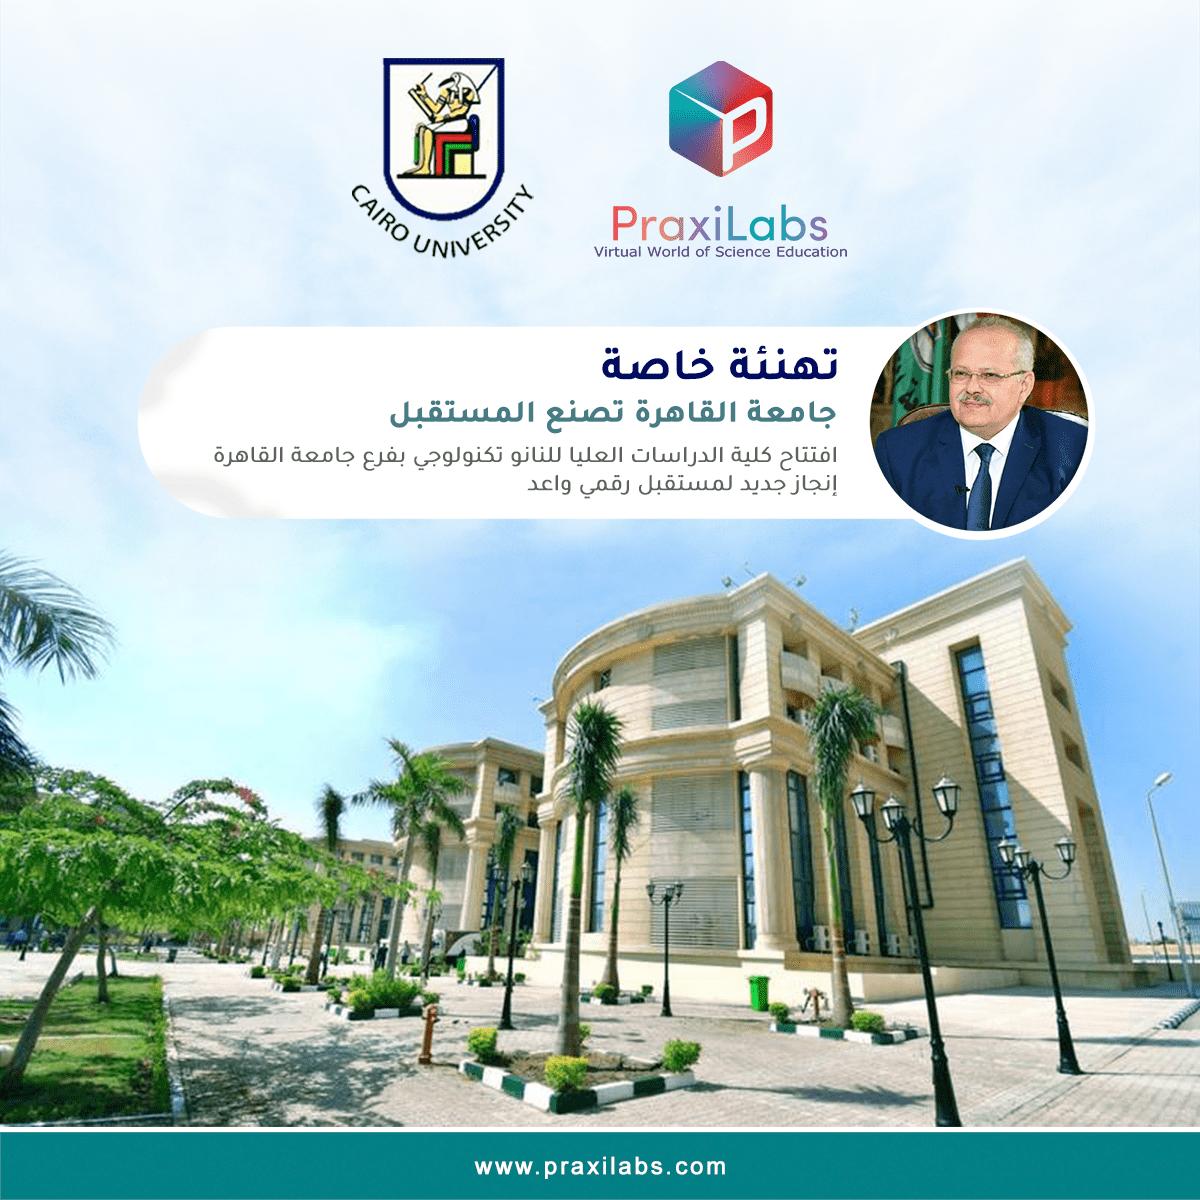 براكسيلابس تتقدم بخالصة التهنئة لجامعة القاهرة بمناسبة افتتاح كلية النانو تكنولوجي للدراسات العليا